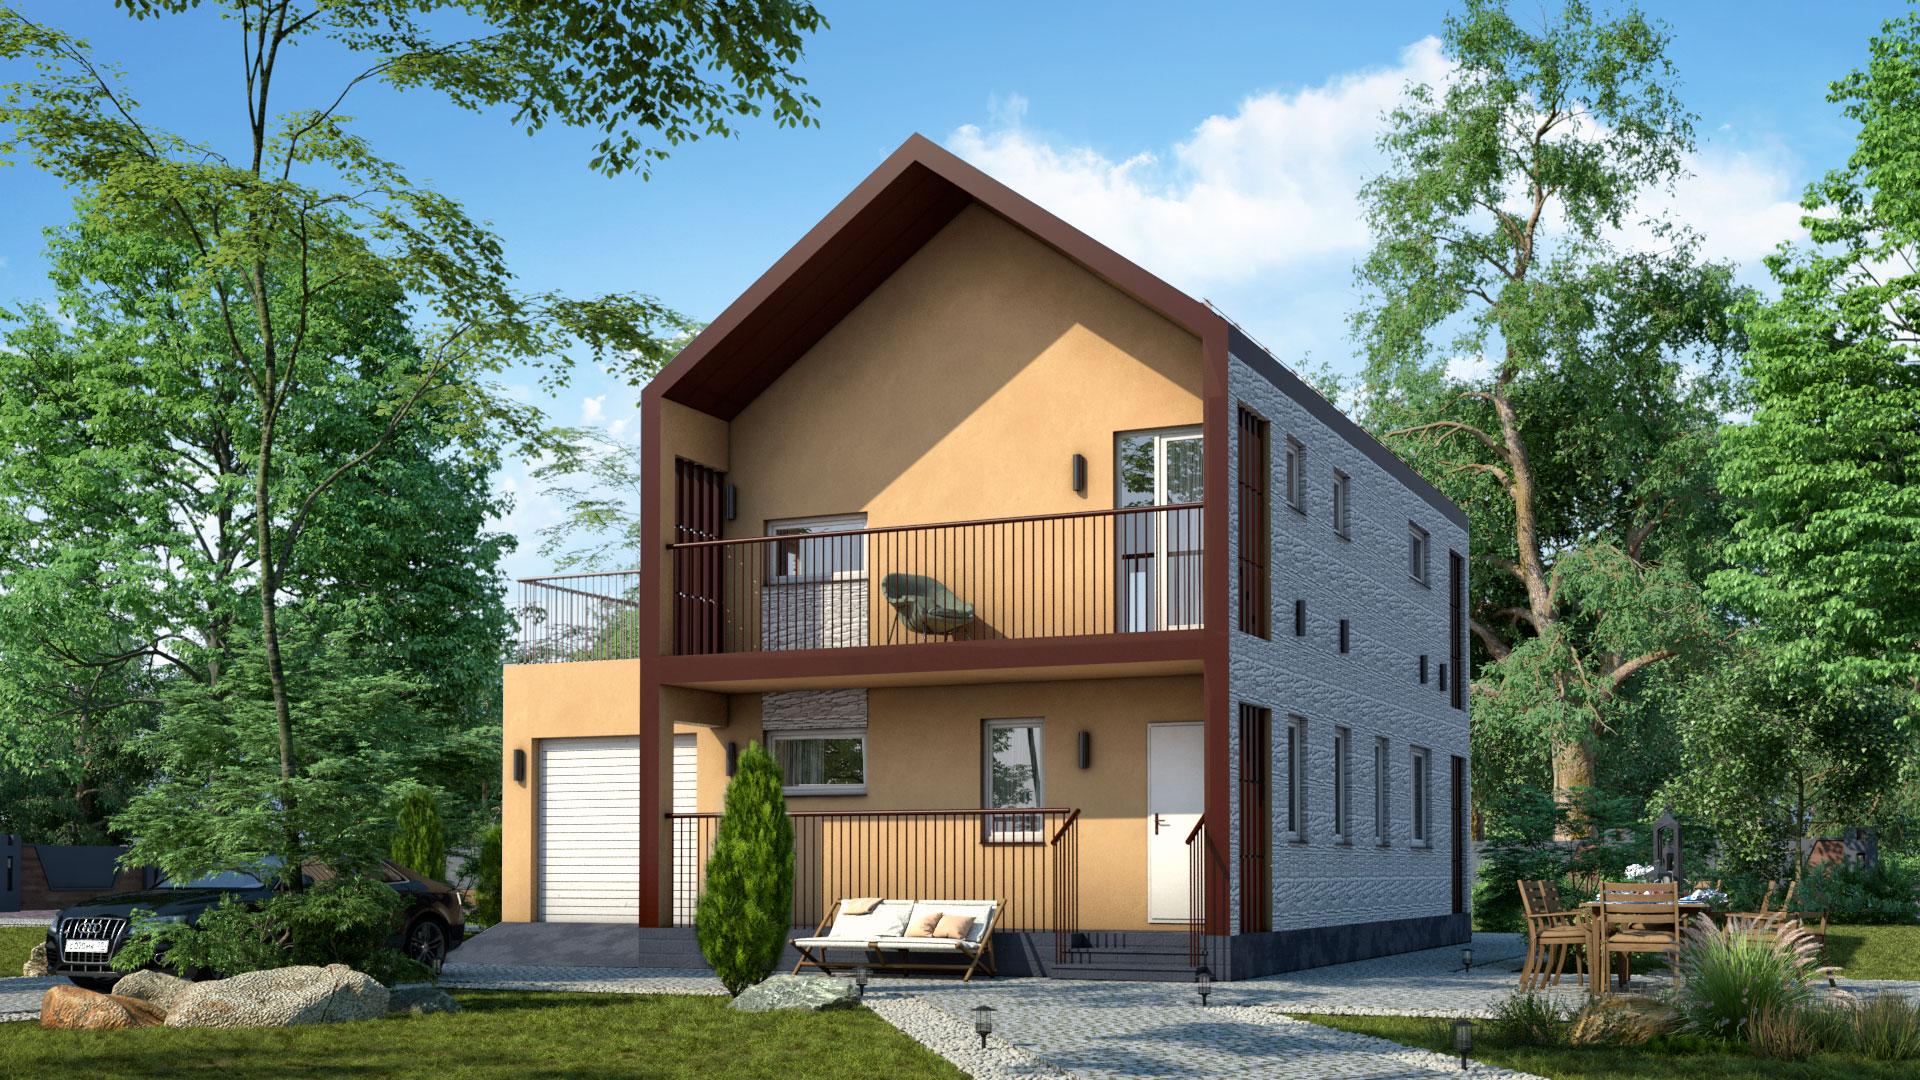 Передний фасад двухэтажного дома БЭНПАН, проект МС-195.